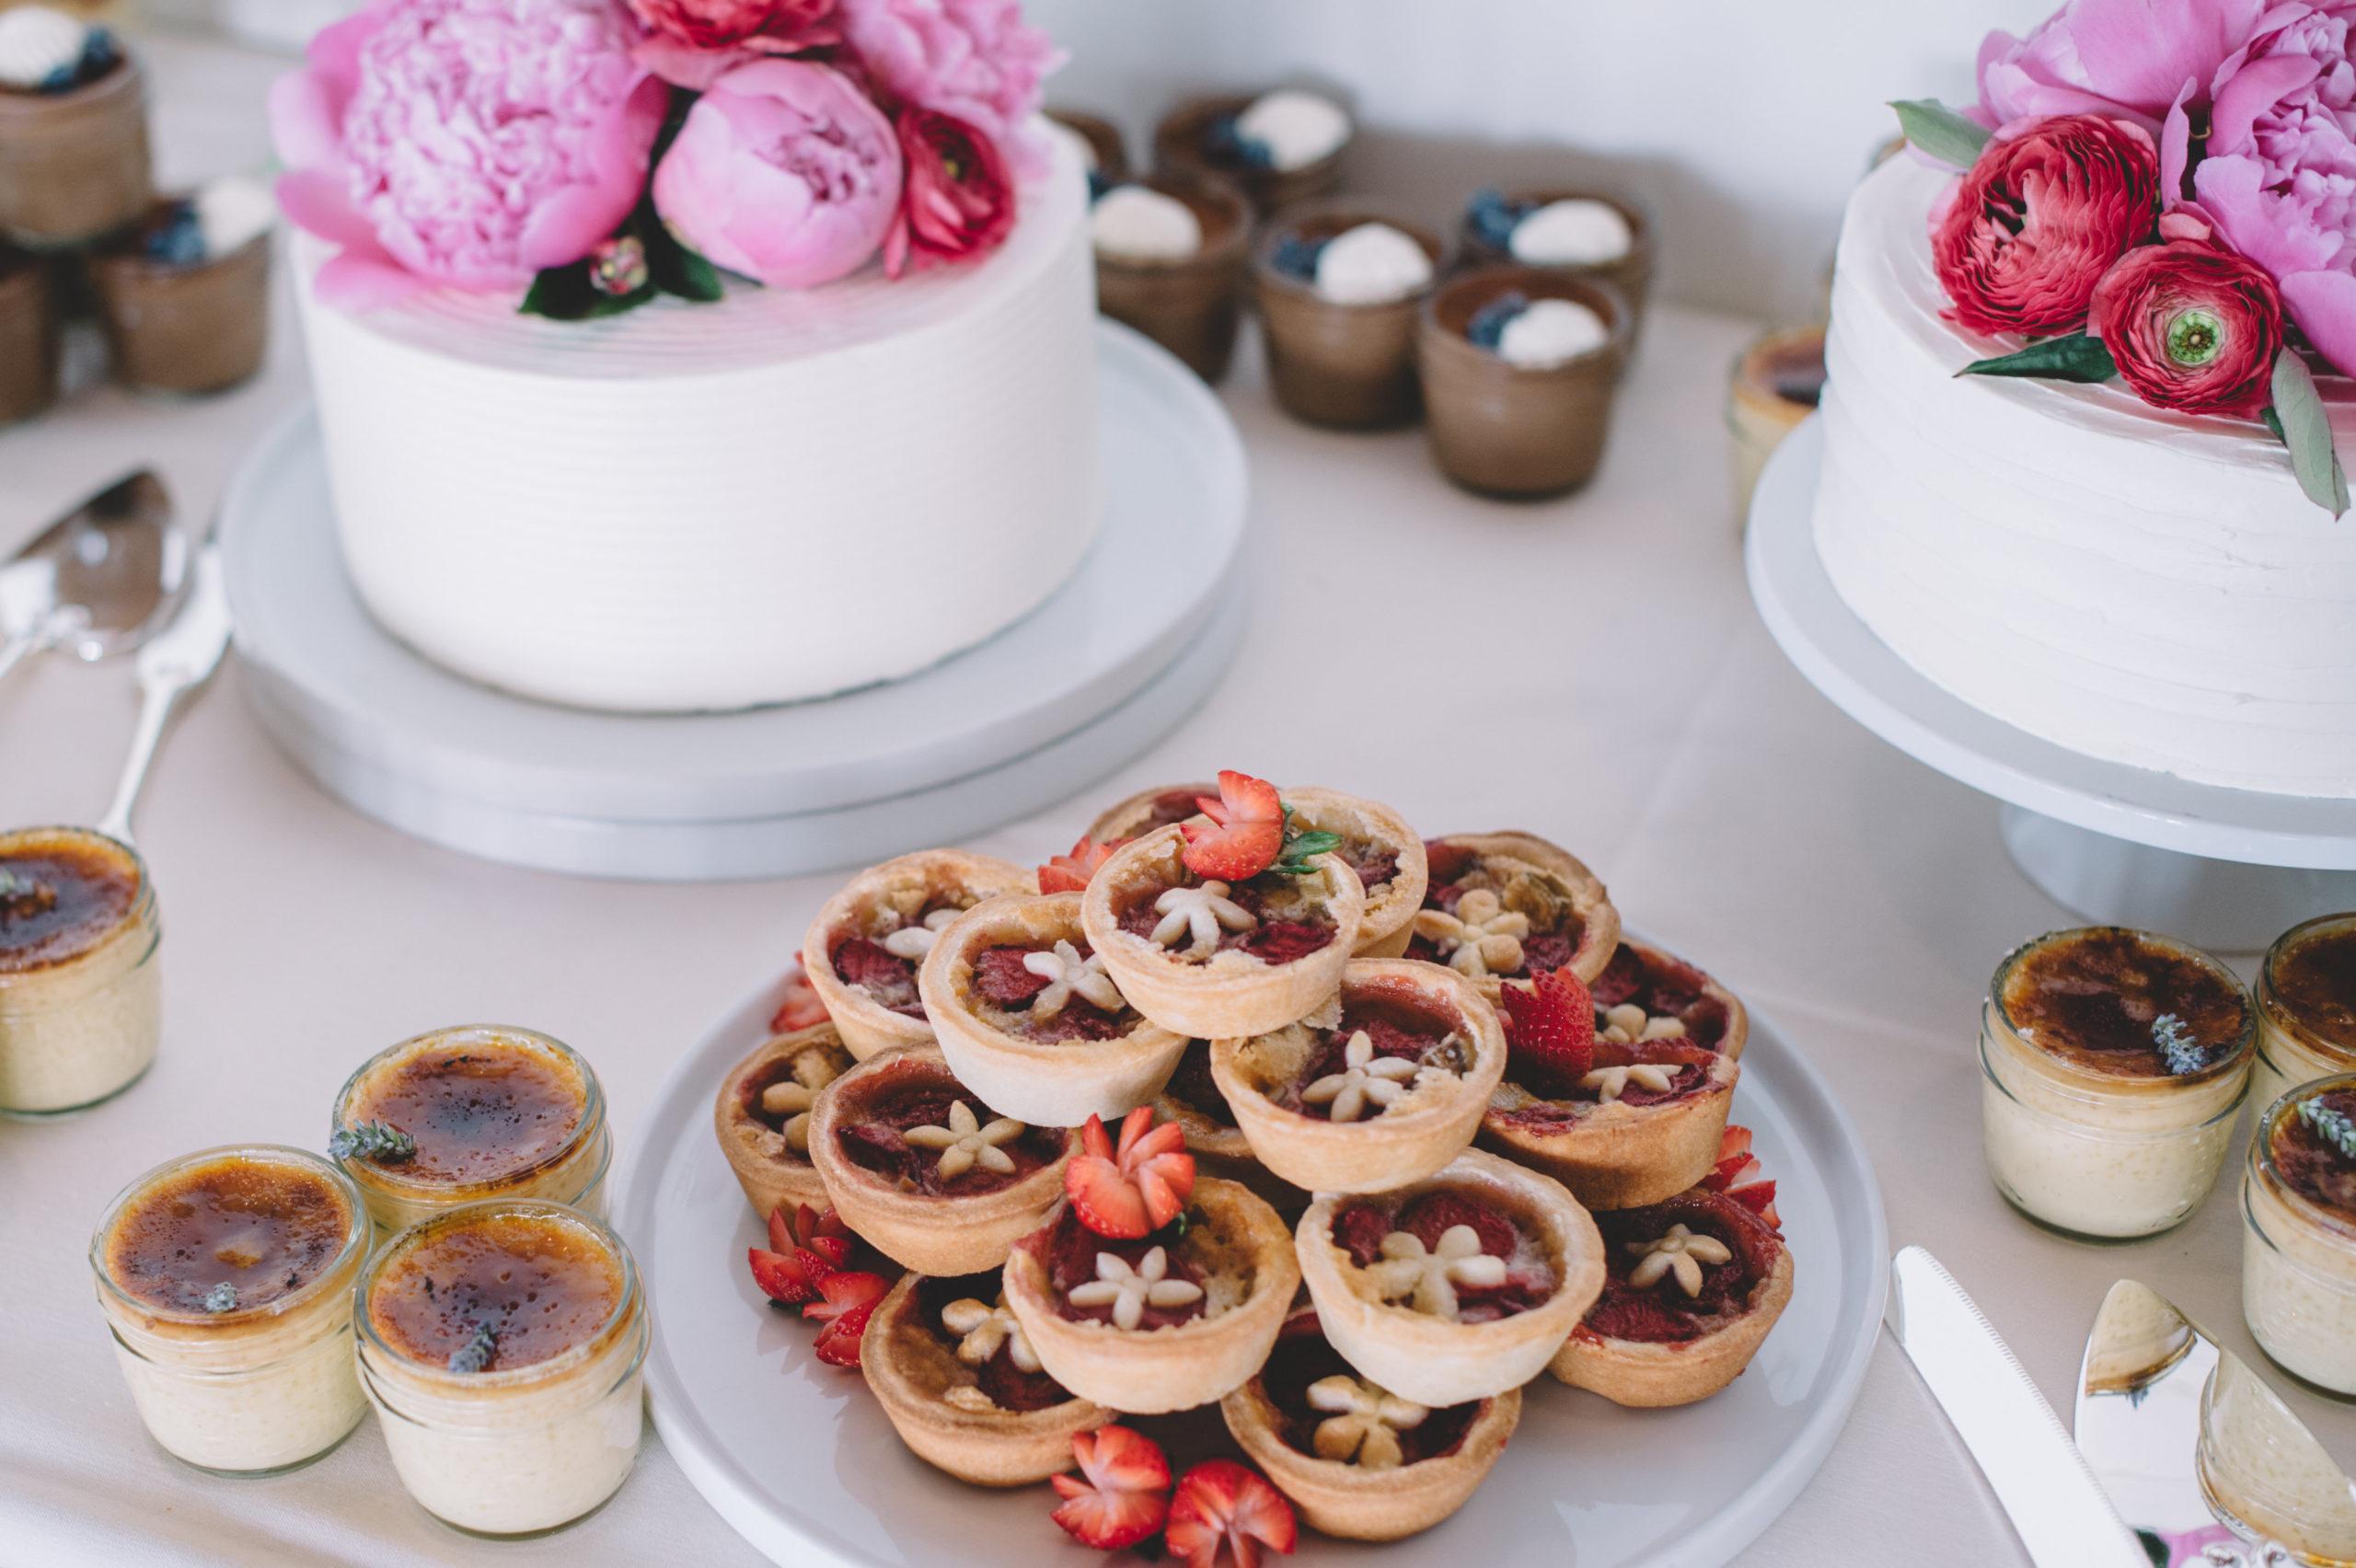 Szymon Szymczakowski_Tofino Wedding Feast